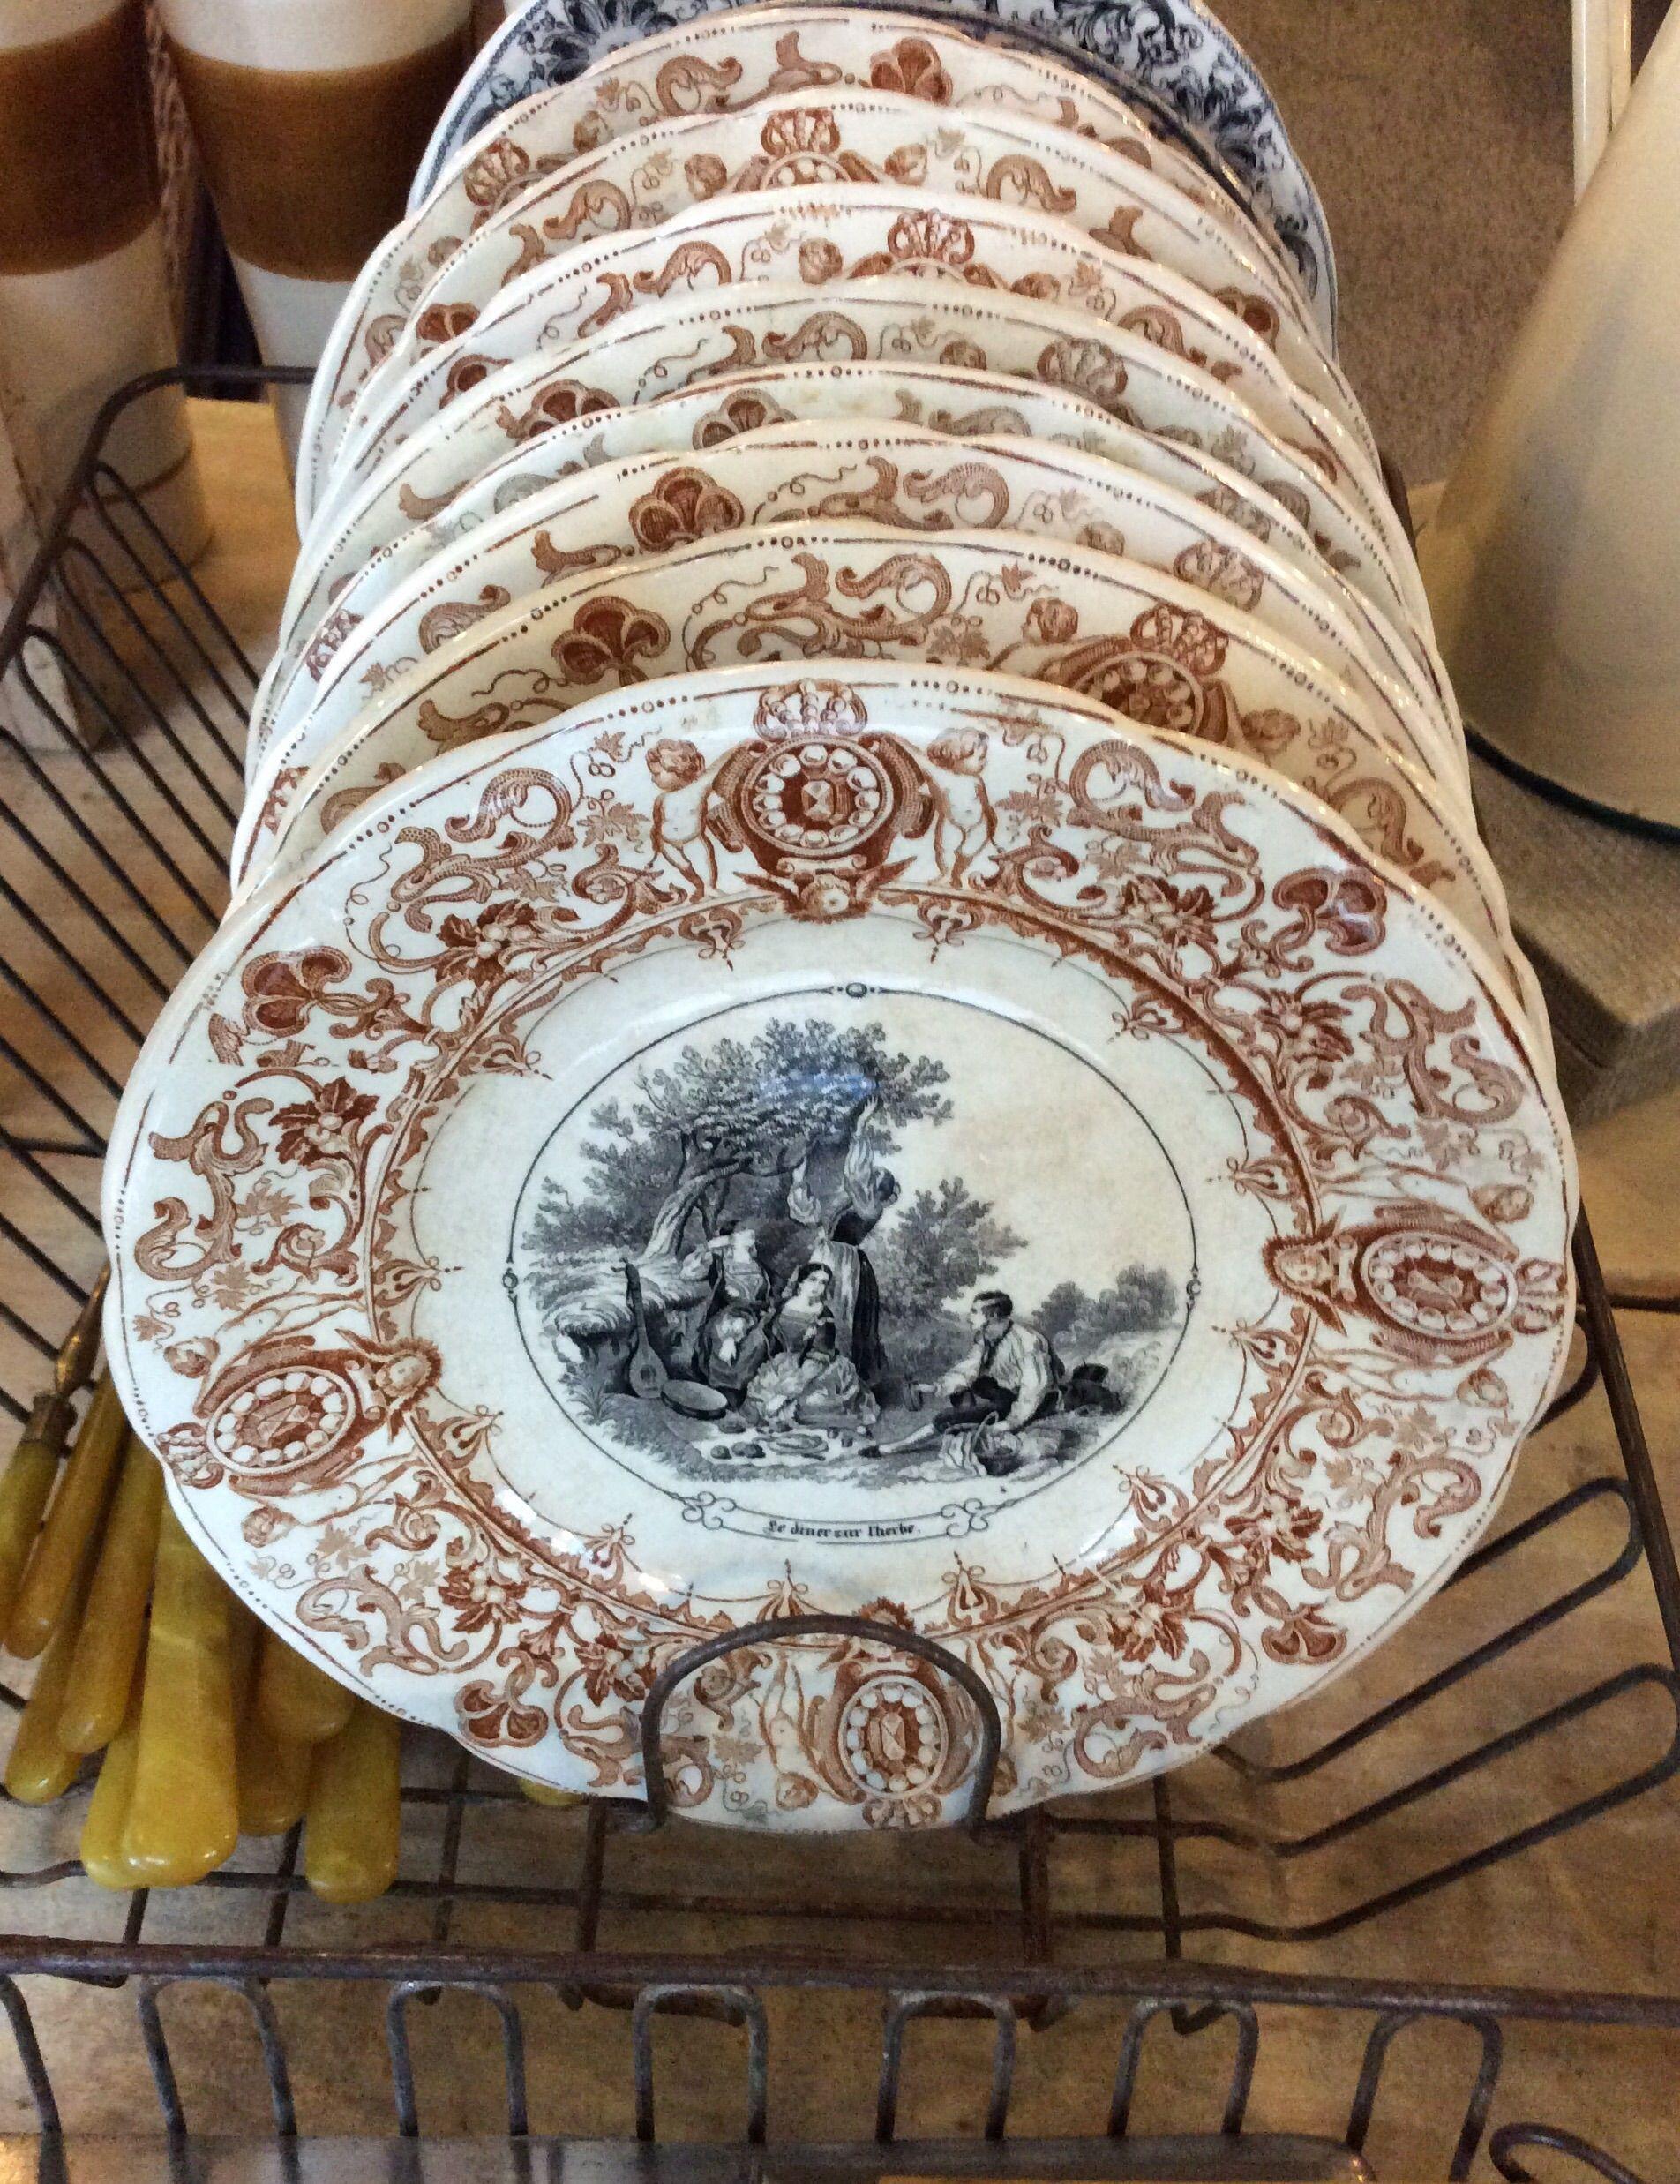 kauniit ruskehtavakuvioiset antiikkilautaset 1875-1900 luvulta . OPAQUE DE SARREGUEMINES . @kooPernu